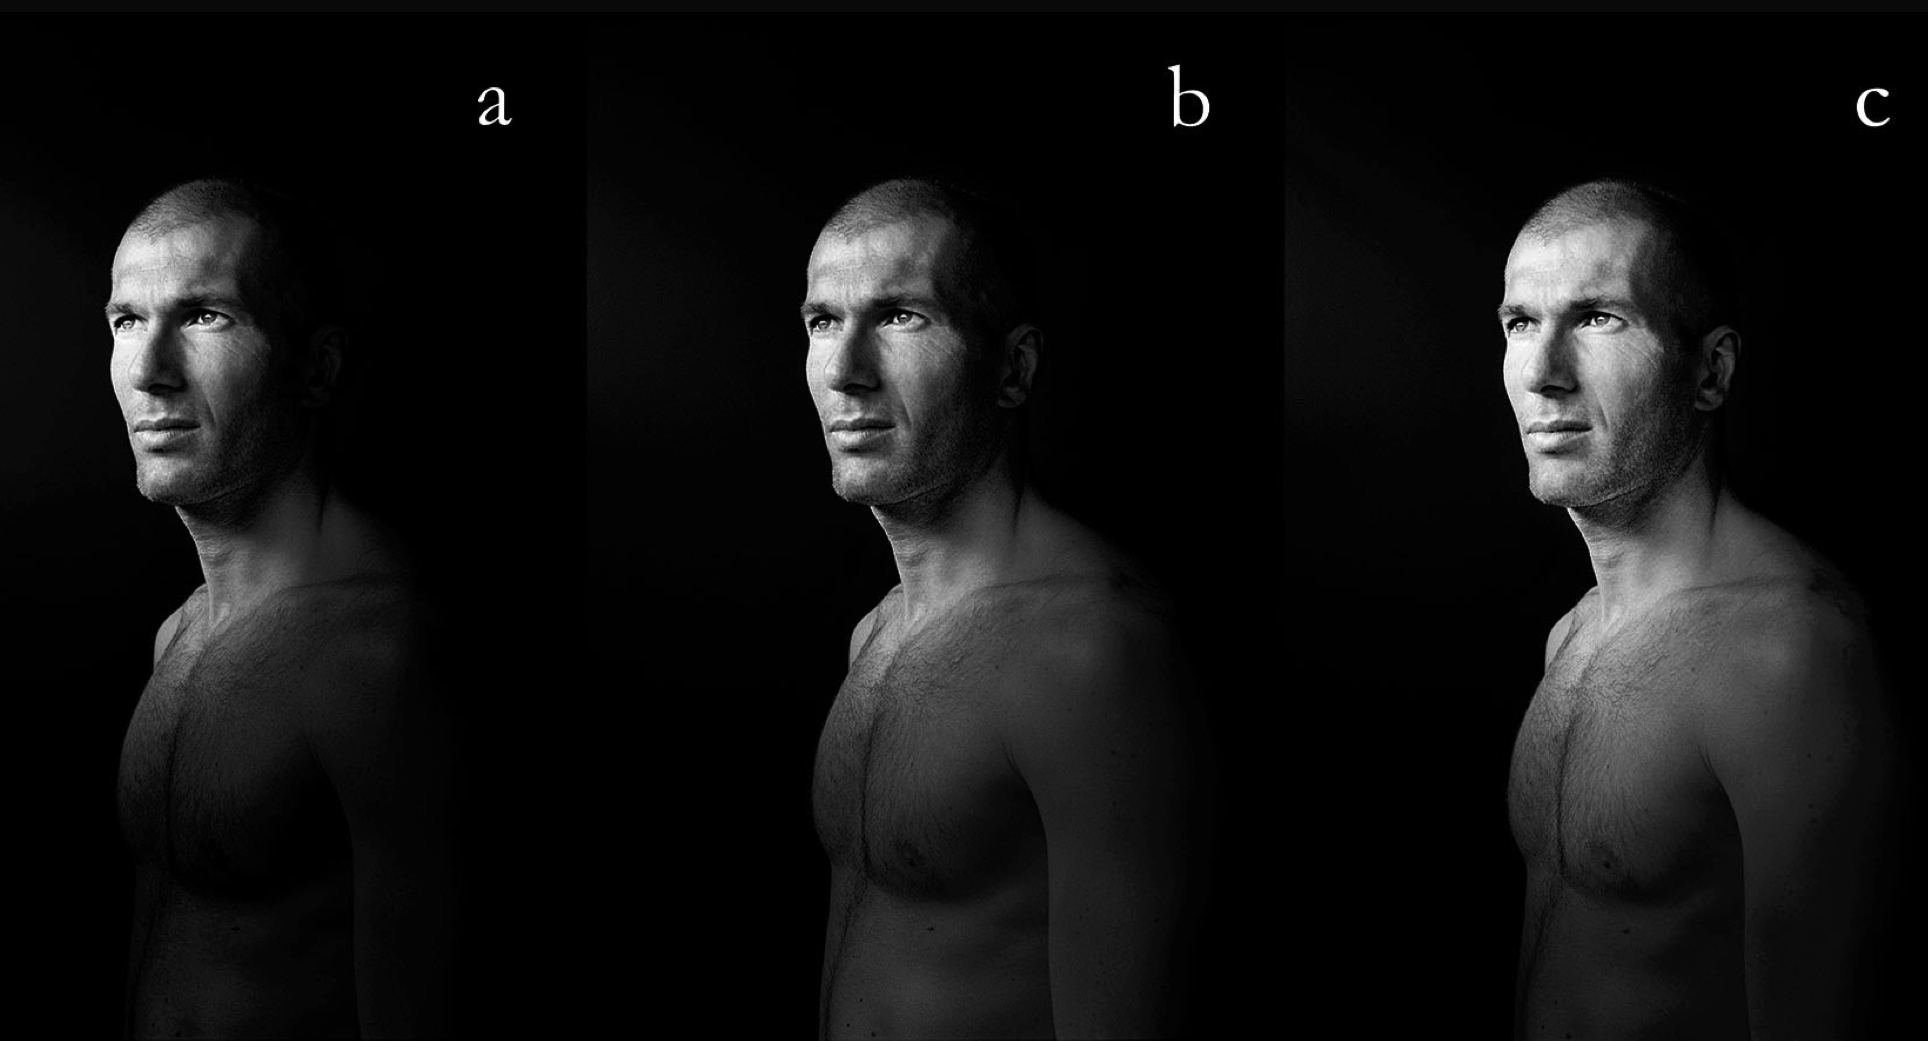 Zz. Zidane con todas sus letras